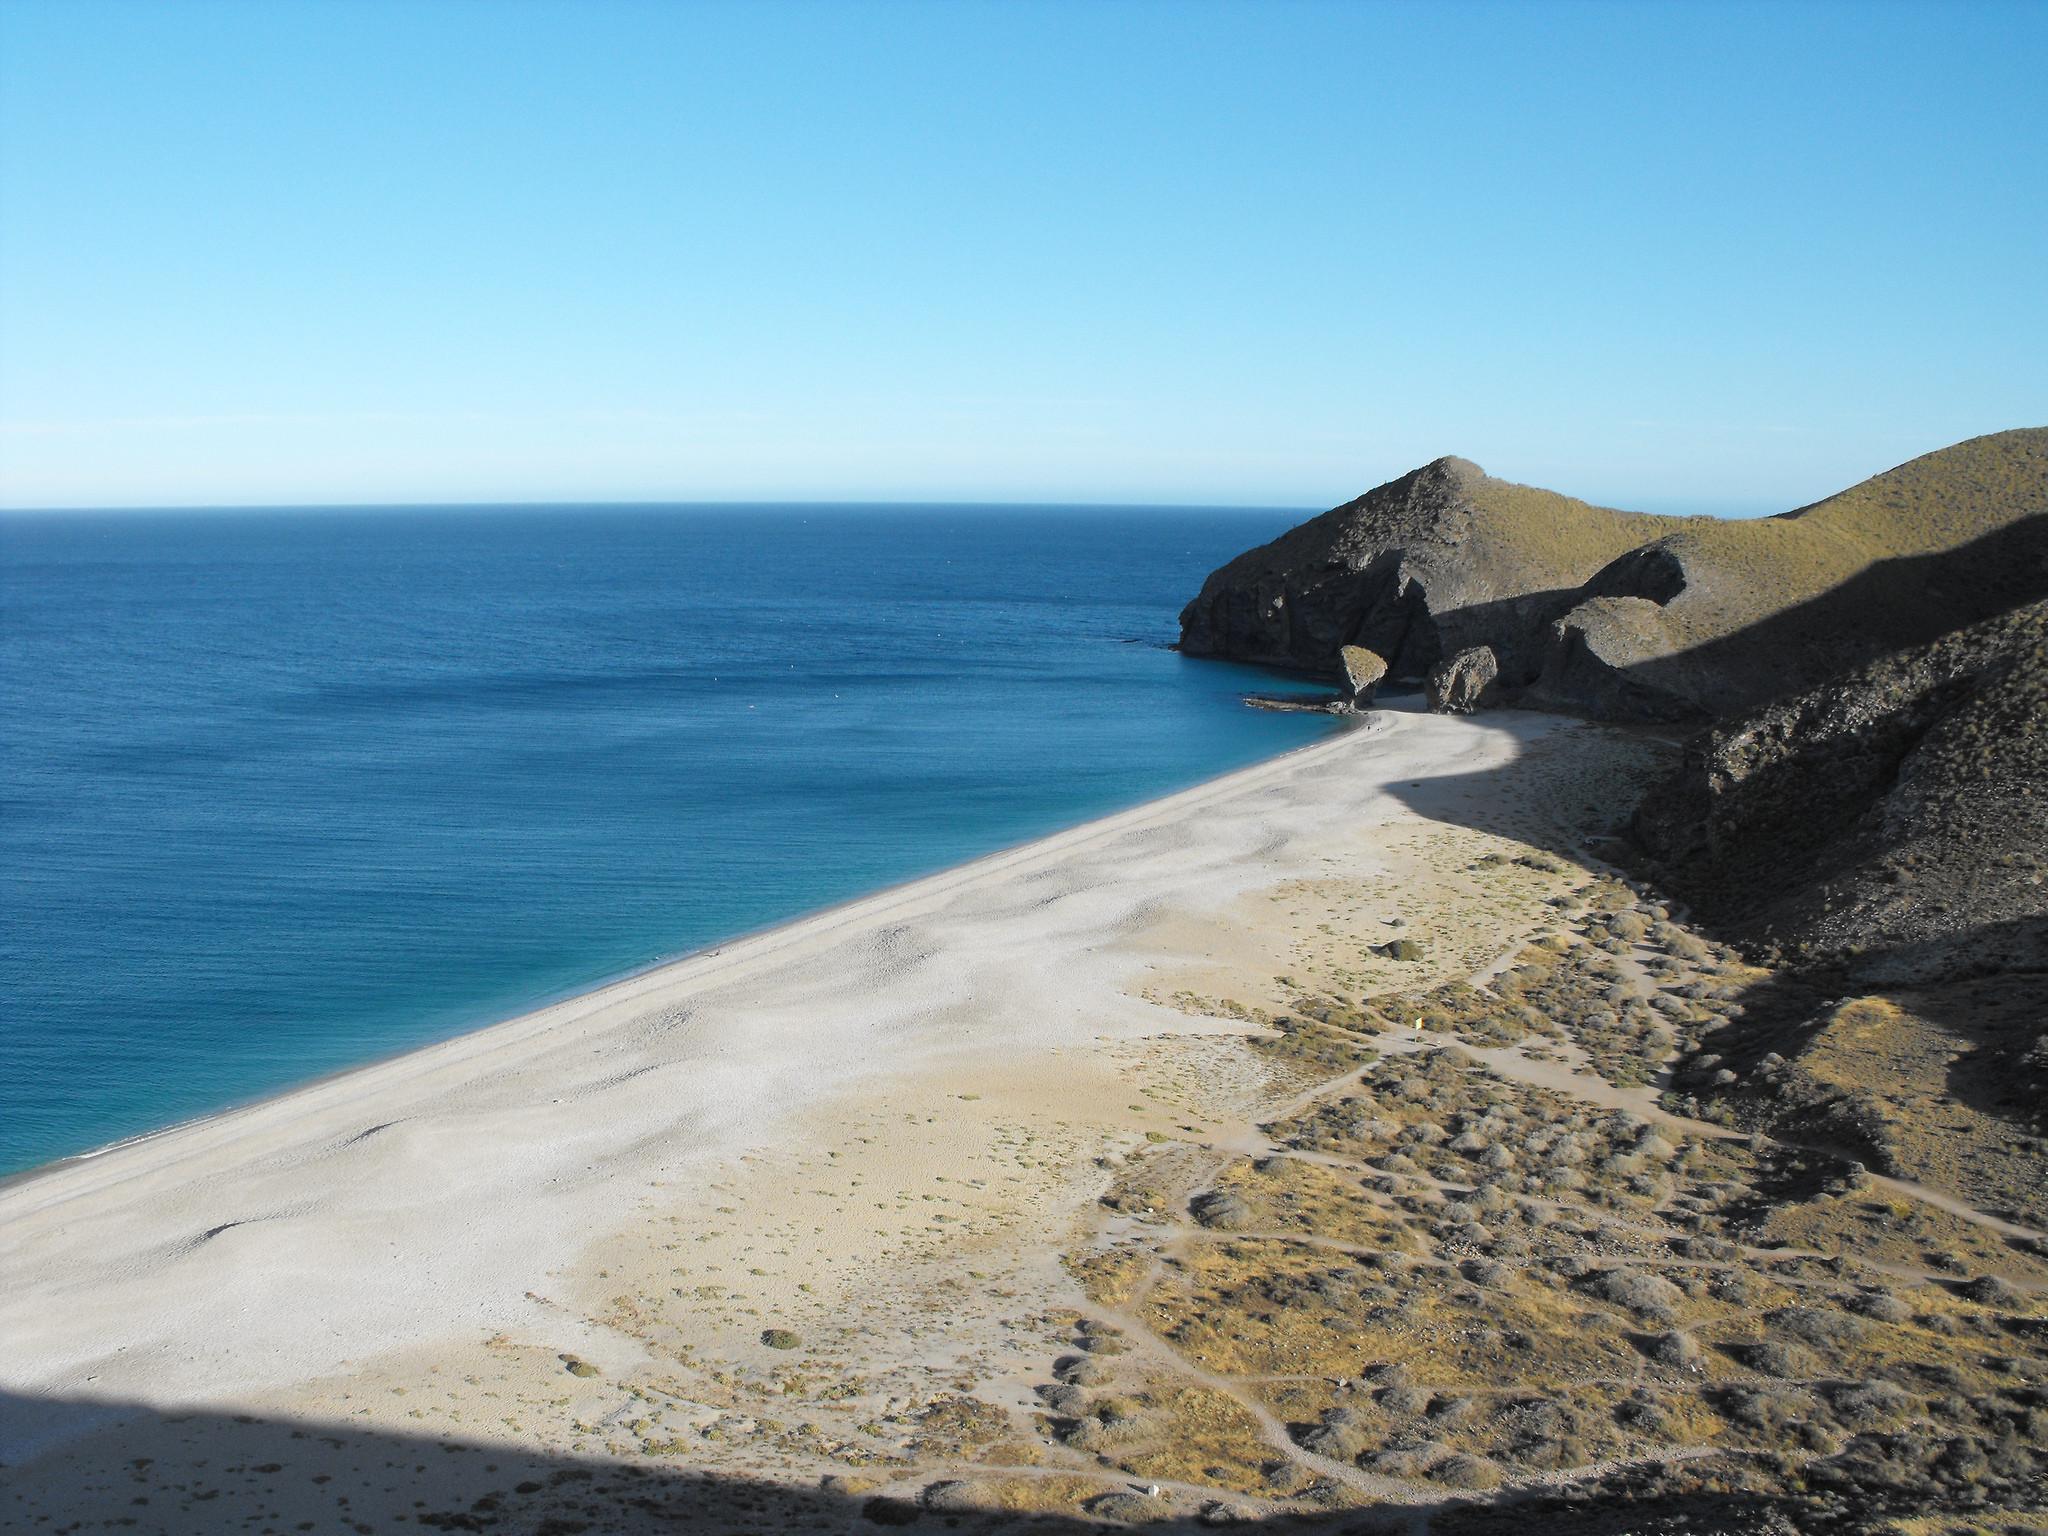 Visitar Playa de los Muertos en Almeria